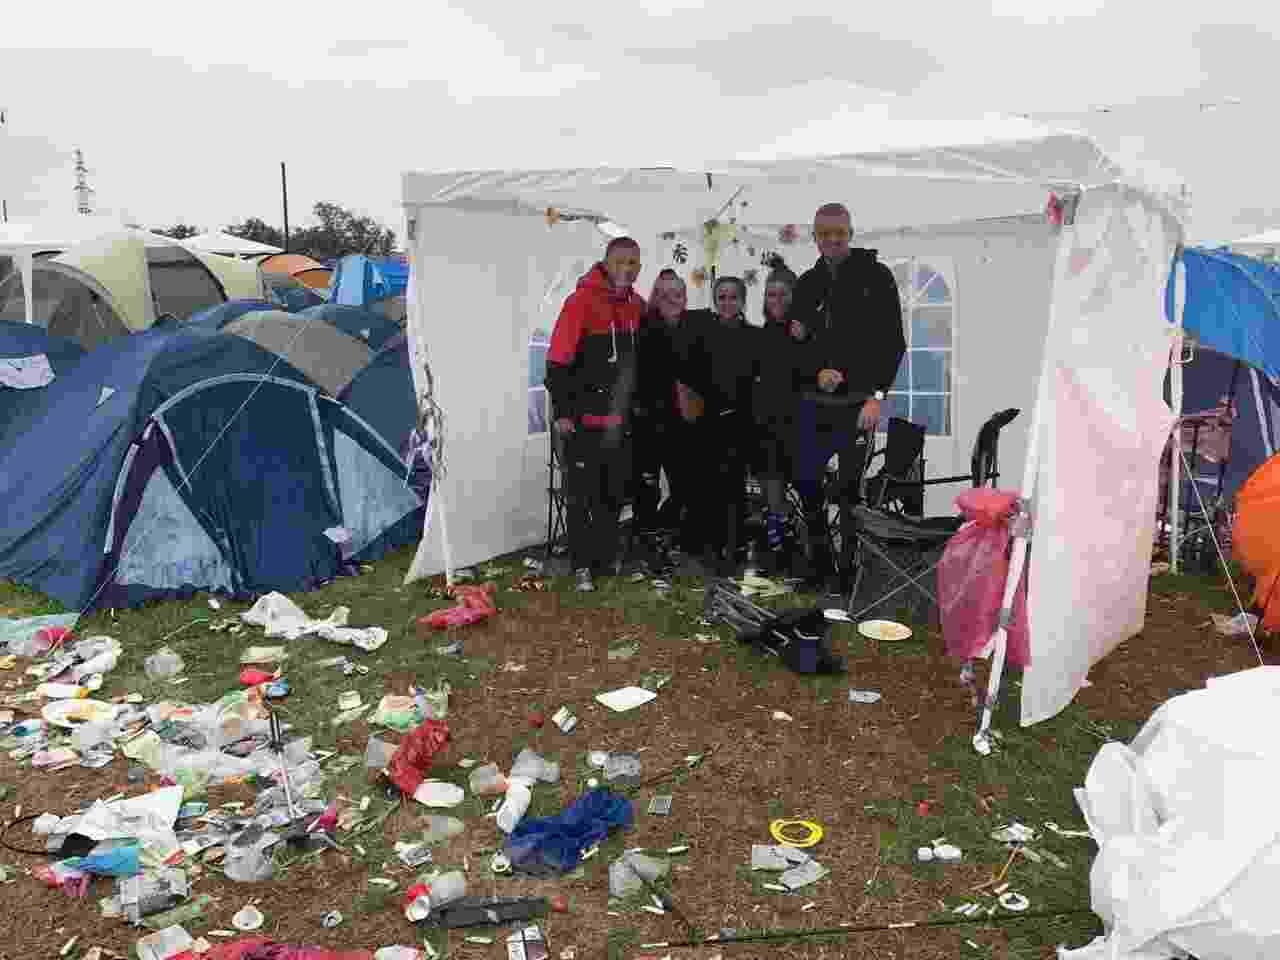 Christian Stii, 21, mora em Roskilde, mas durante o festival acampa com os amigos perto do festival - Felipe Branco Cruz/UOL